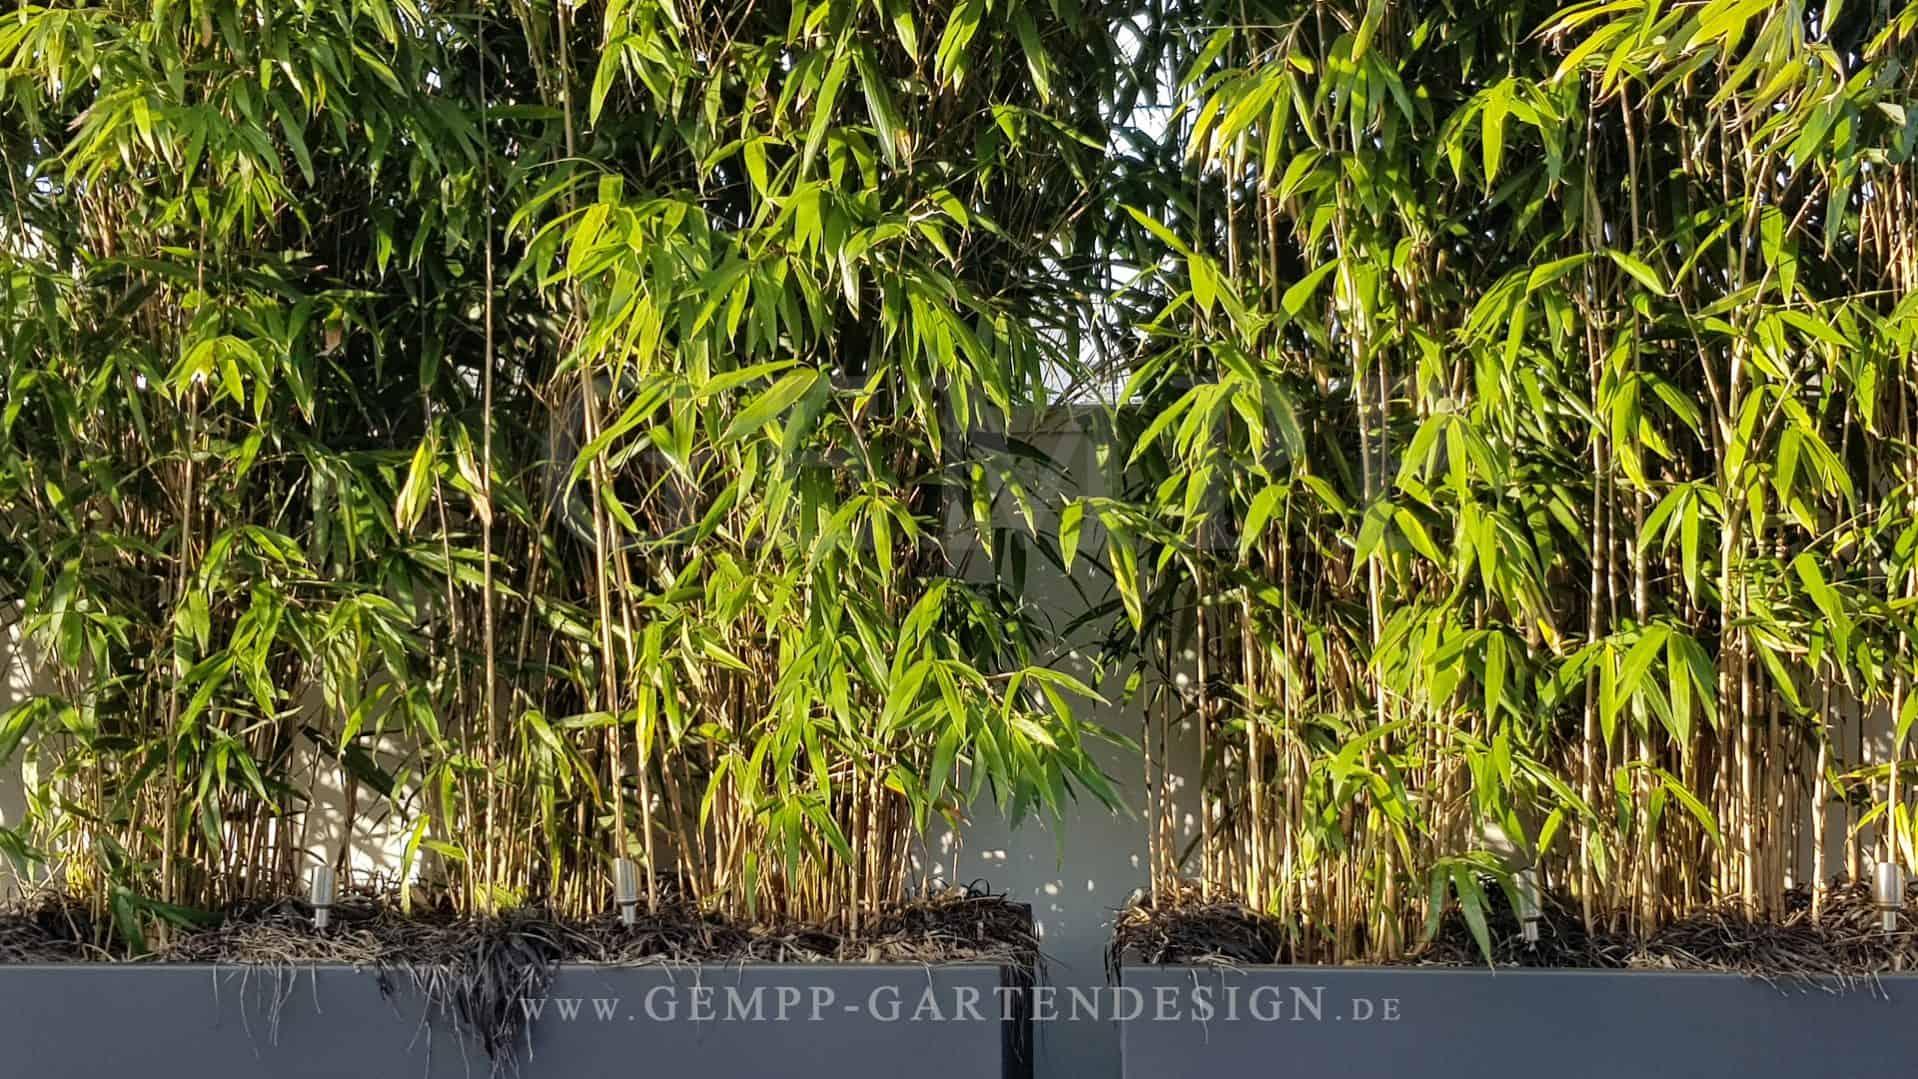 Full Size of Pflanzen Sichtschutz Garten Bambus Als Im Gempp Gartendesign Fenster Feuerstelle Loungemöbel Holz Kugelleuchten Skulpturen Brunnen Lounge Sessel Wohnzimmer Pflanzen Sichtschutz Garten